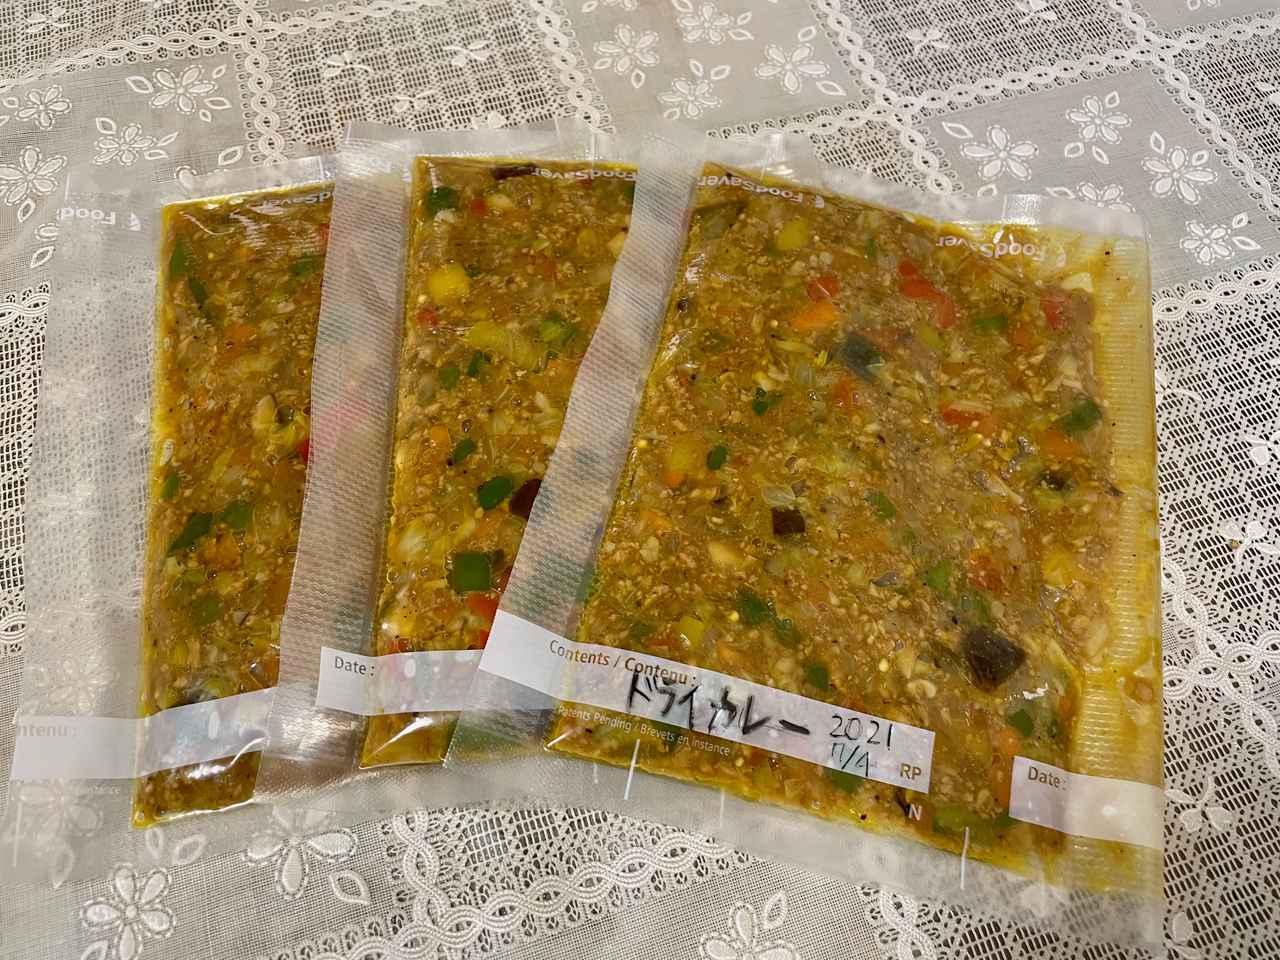 画像: 冷凍保存したドライカレーは1ヵ月程度を目安に食べきりましょう。